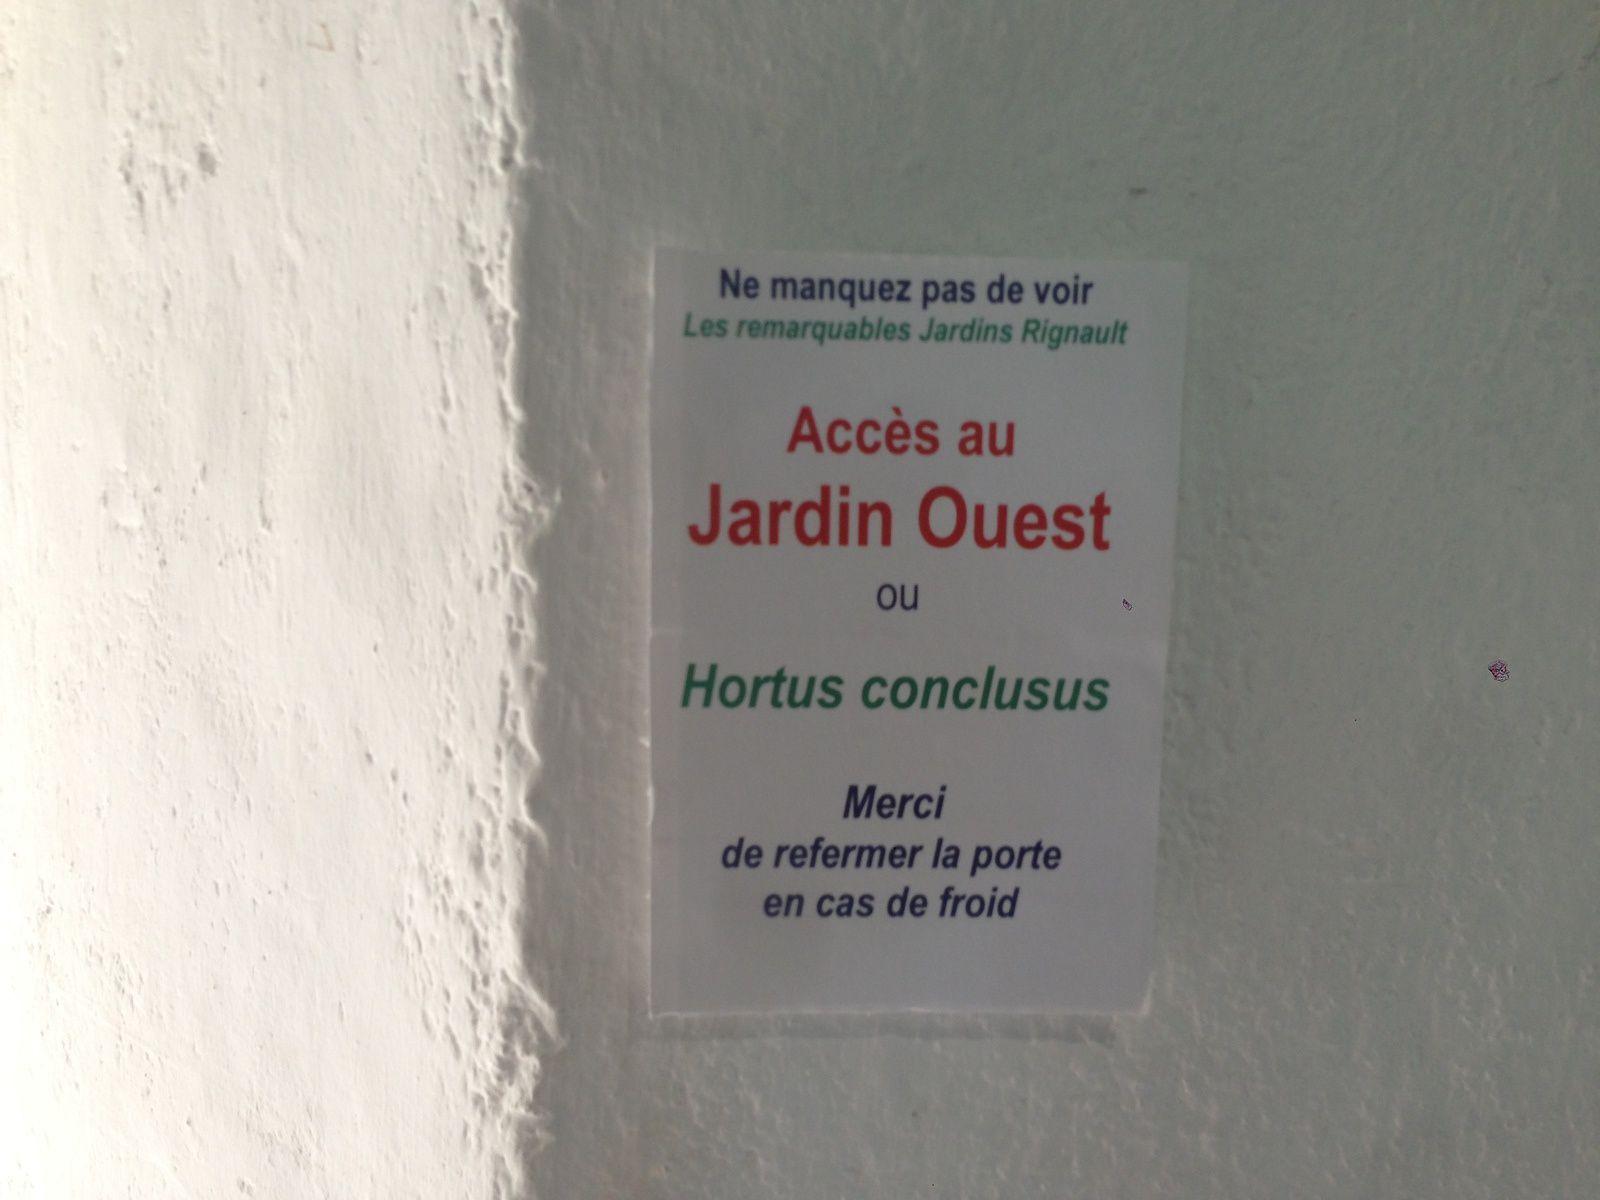 Jardins suspendus du Musée Rignault - Saint-Cirq-Lapopie - Lot